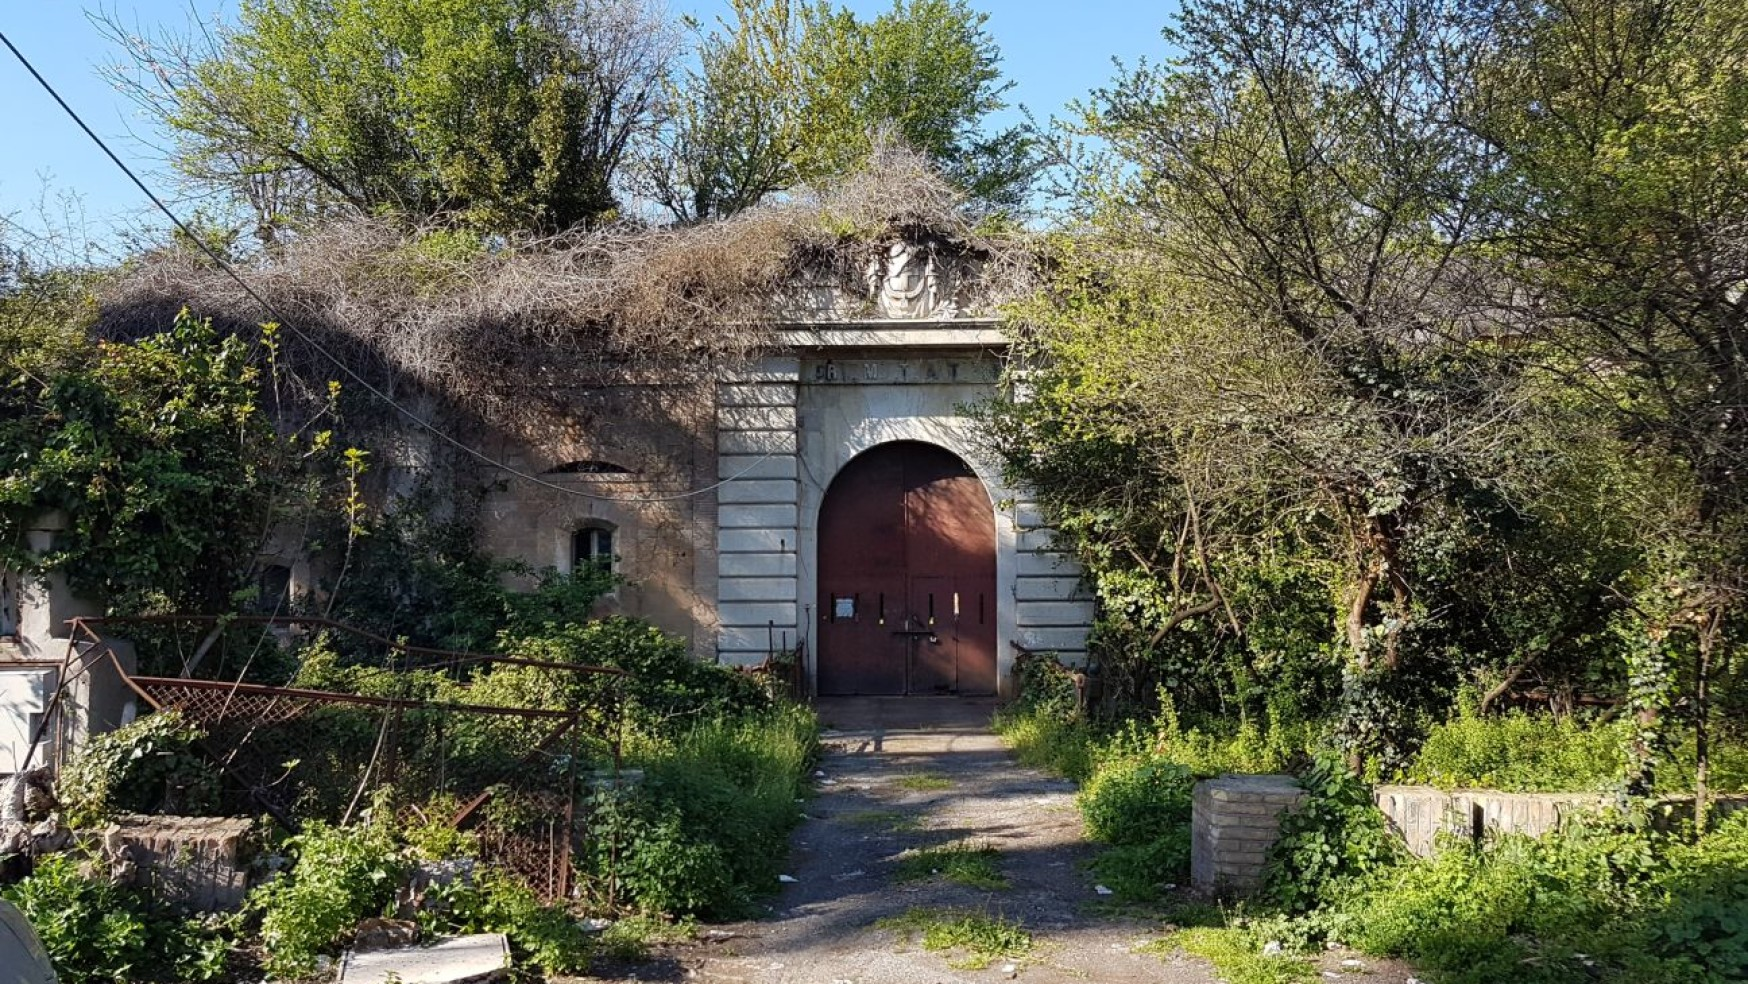 UN FORTE IN ROVINA NEL CUORE DI ROMA